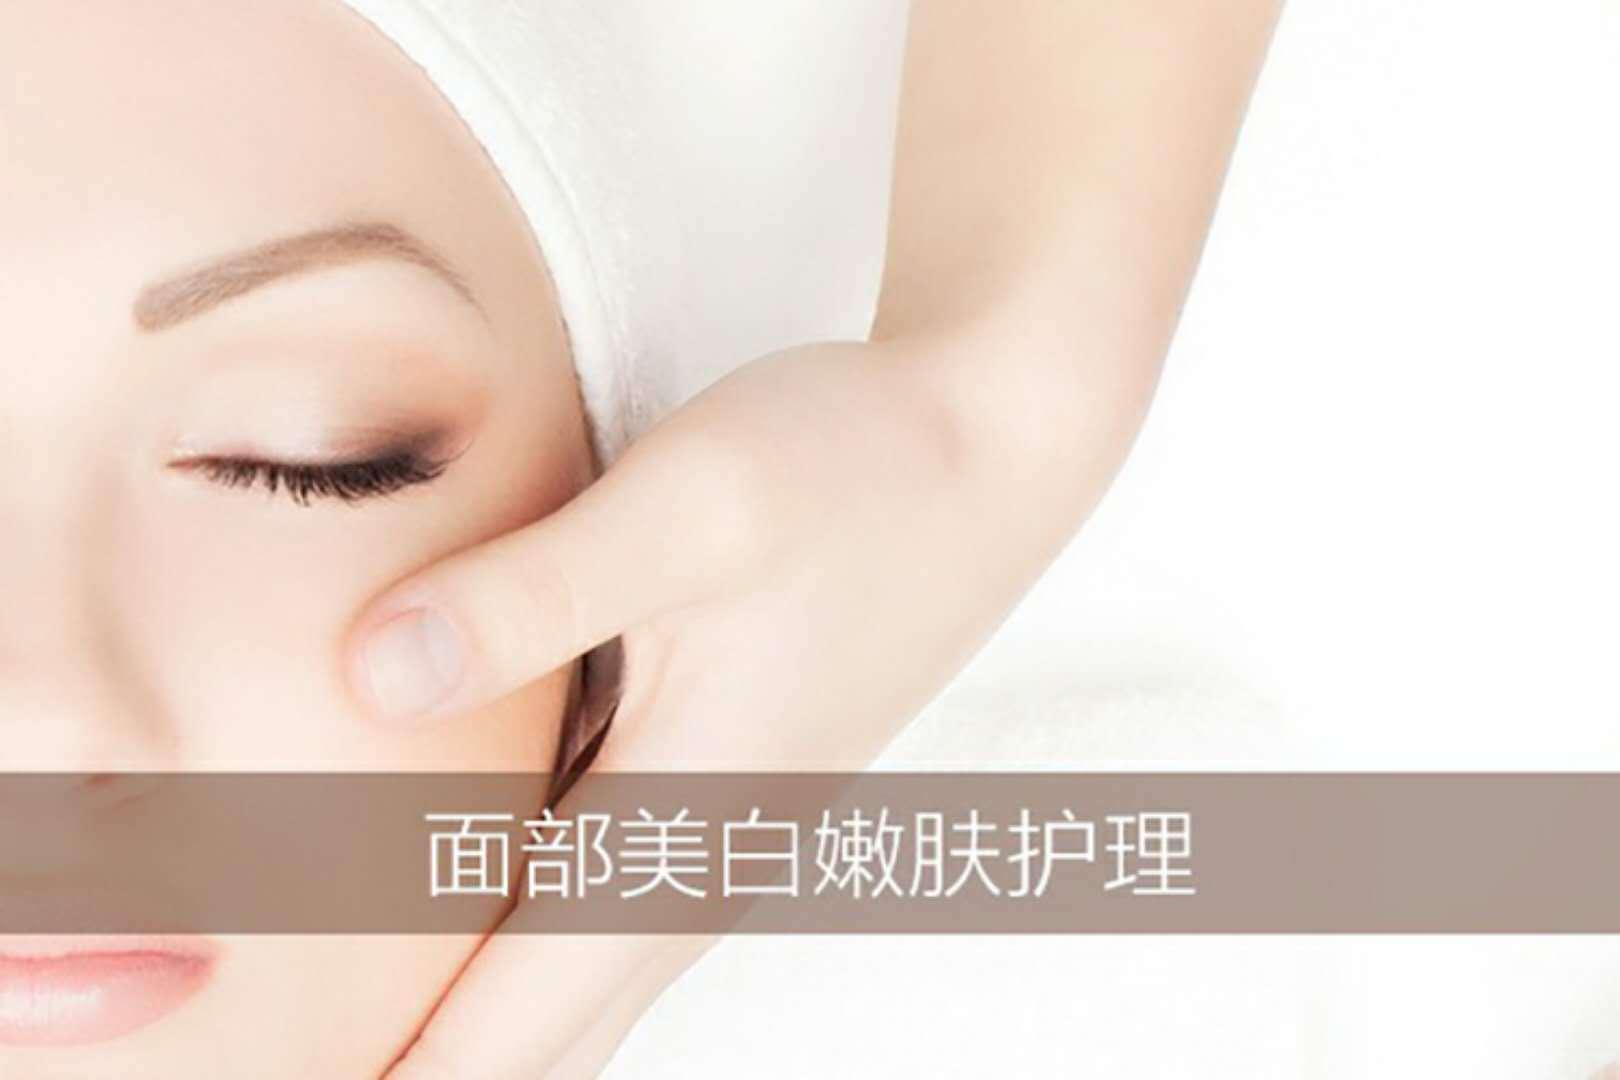 :长沙今日团购:【素颜美肌皮肤管理】天鹅绒美白焕肤